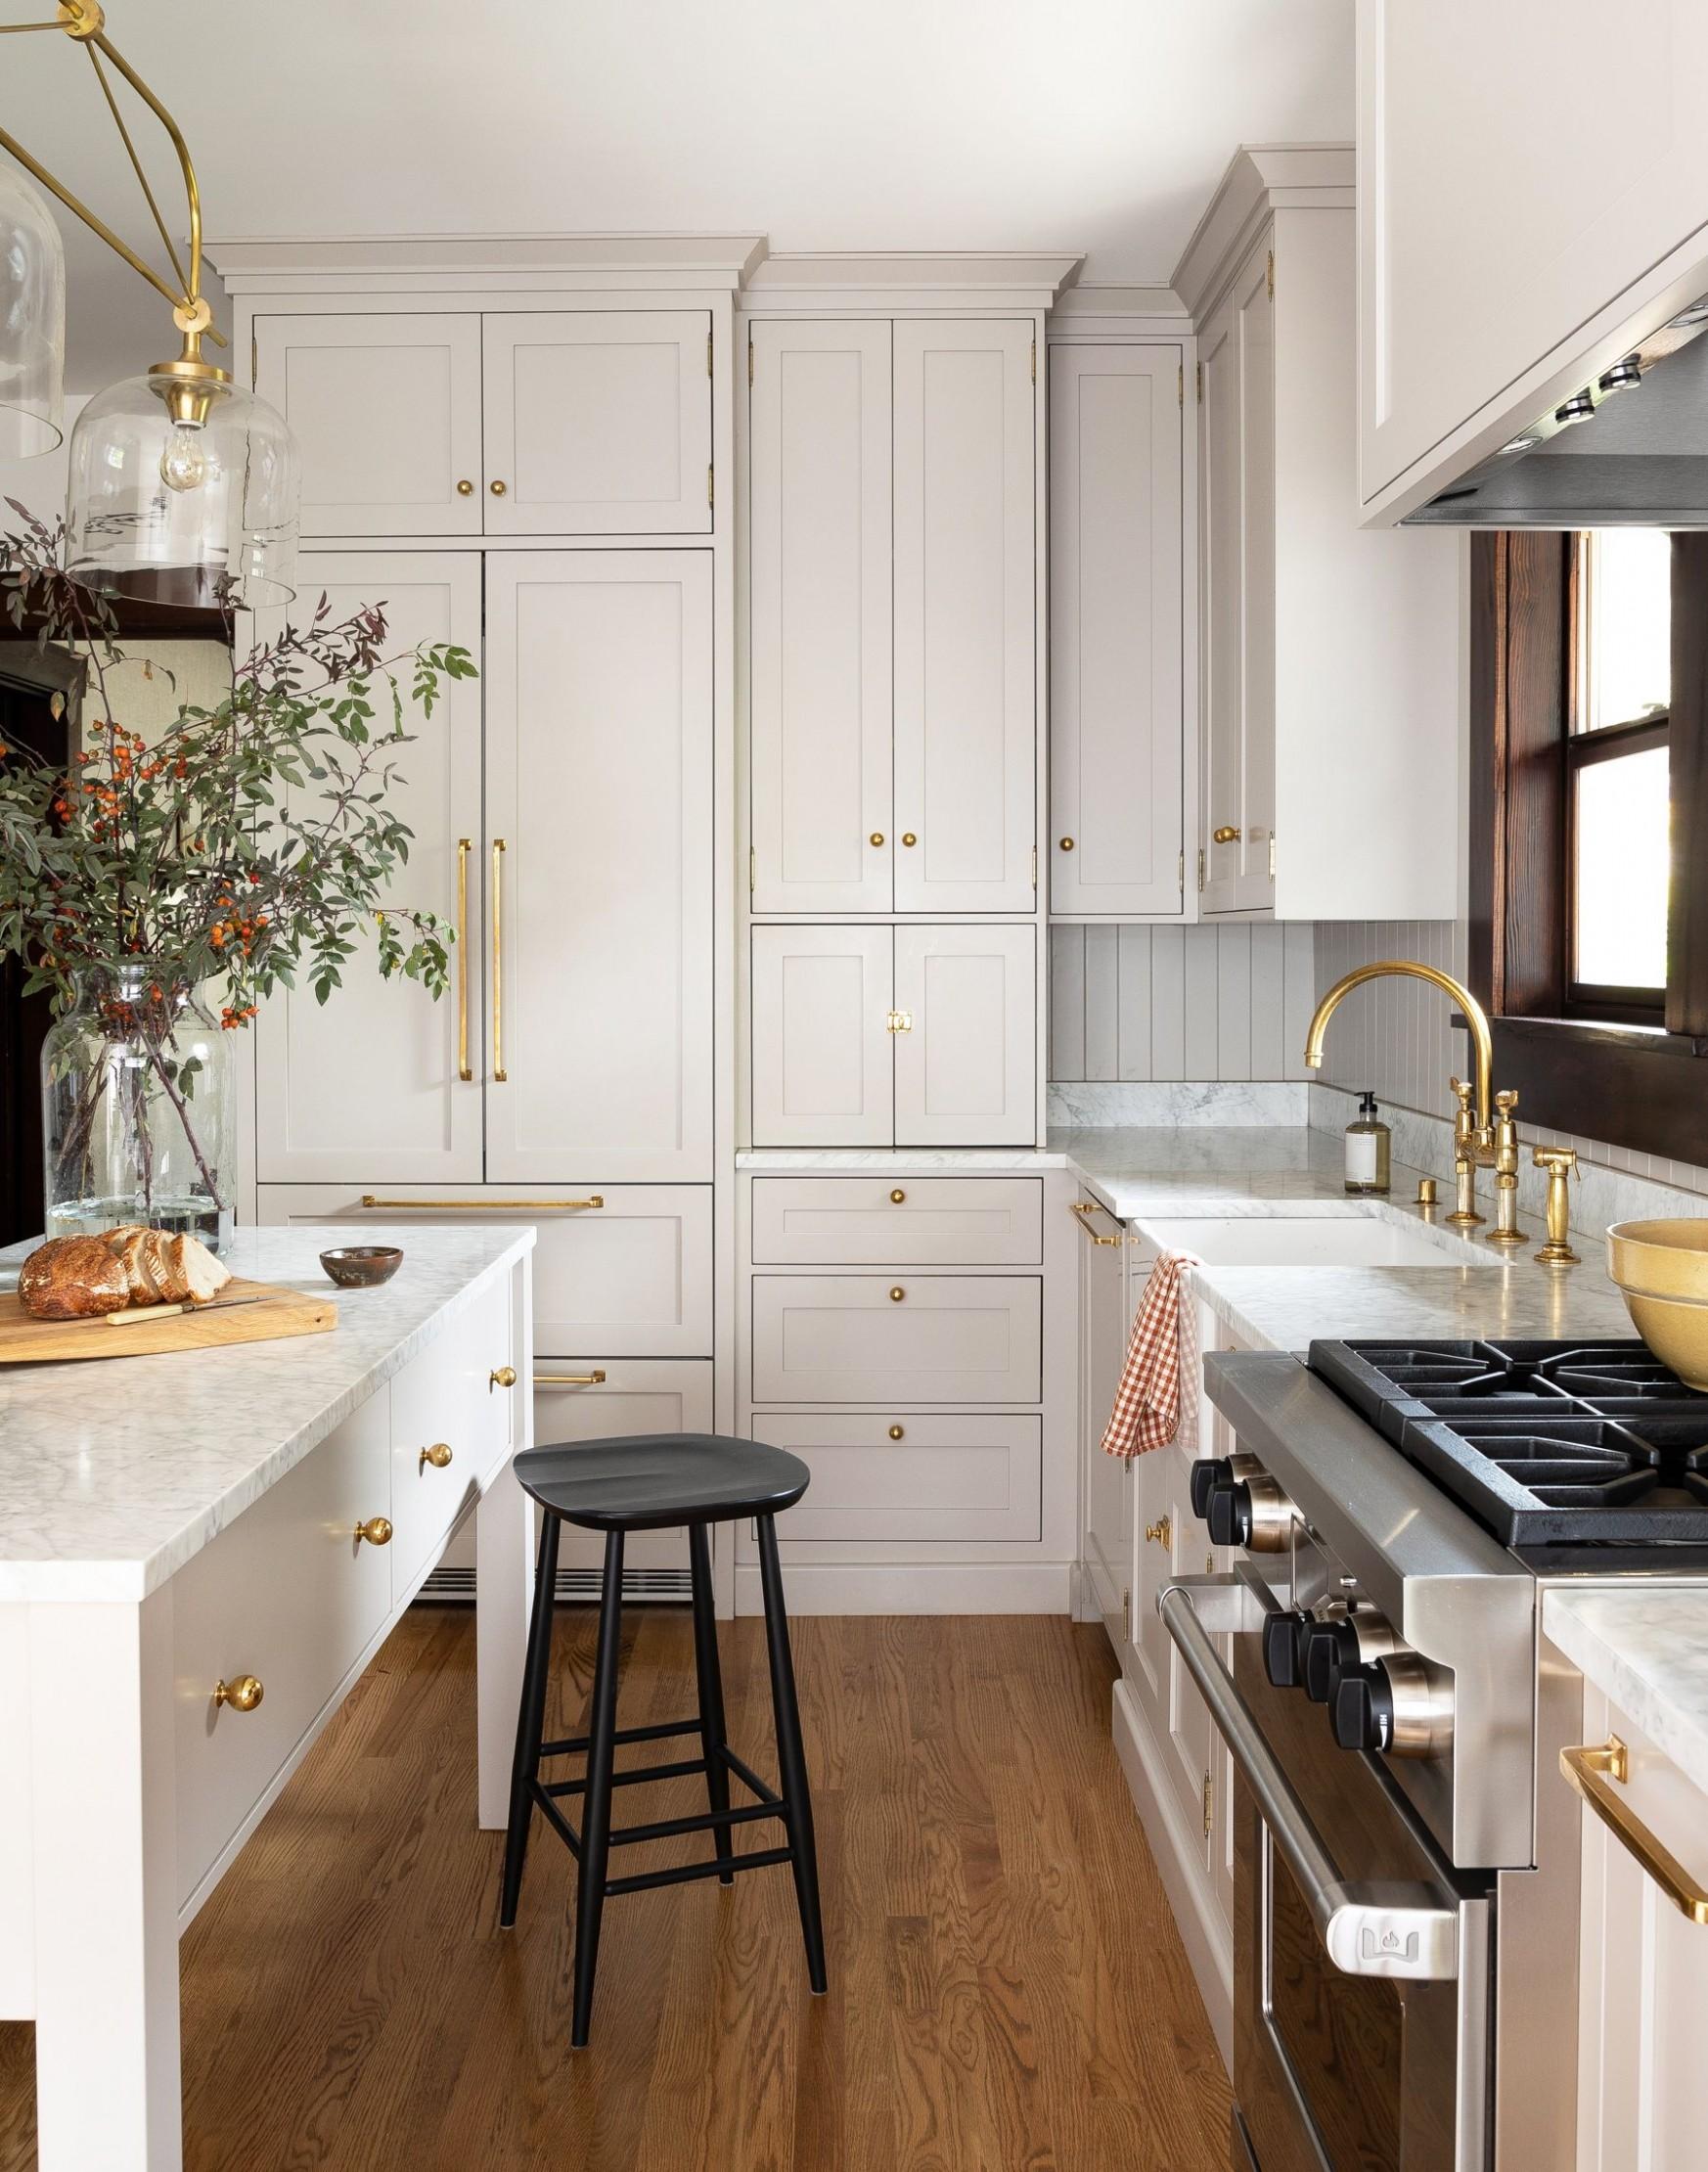 9 Kitchen Cabinet Design Ideas 9 - Unique Kitchen Cabinet Styles - Bedroom Kitchen Ideas